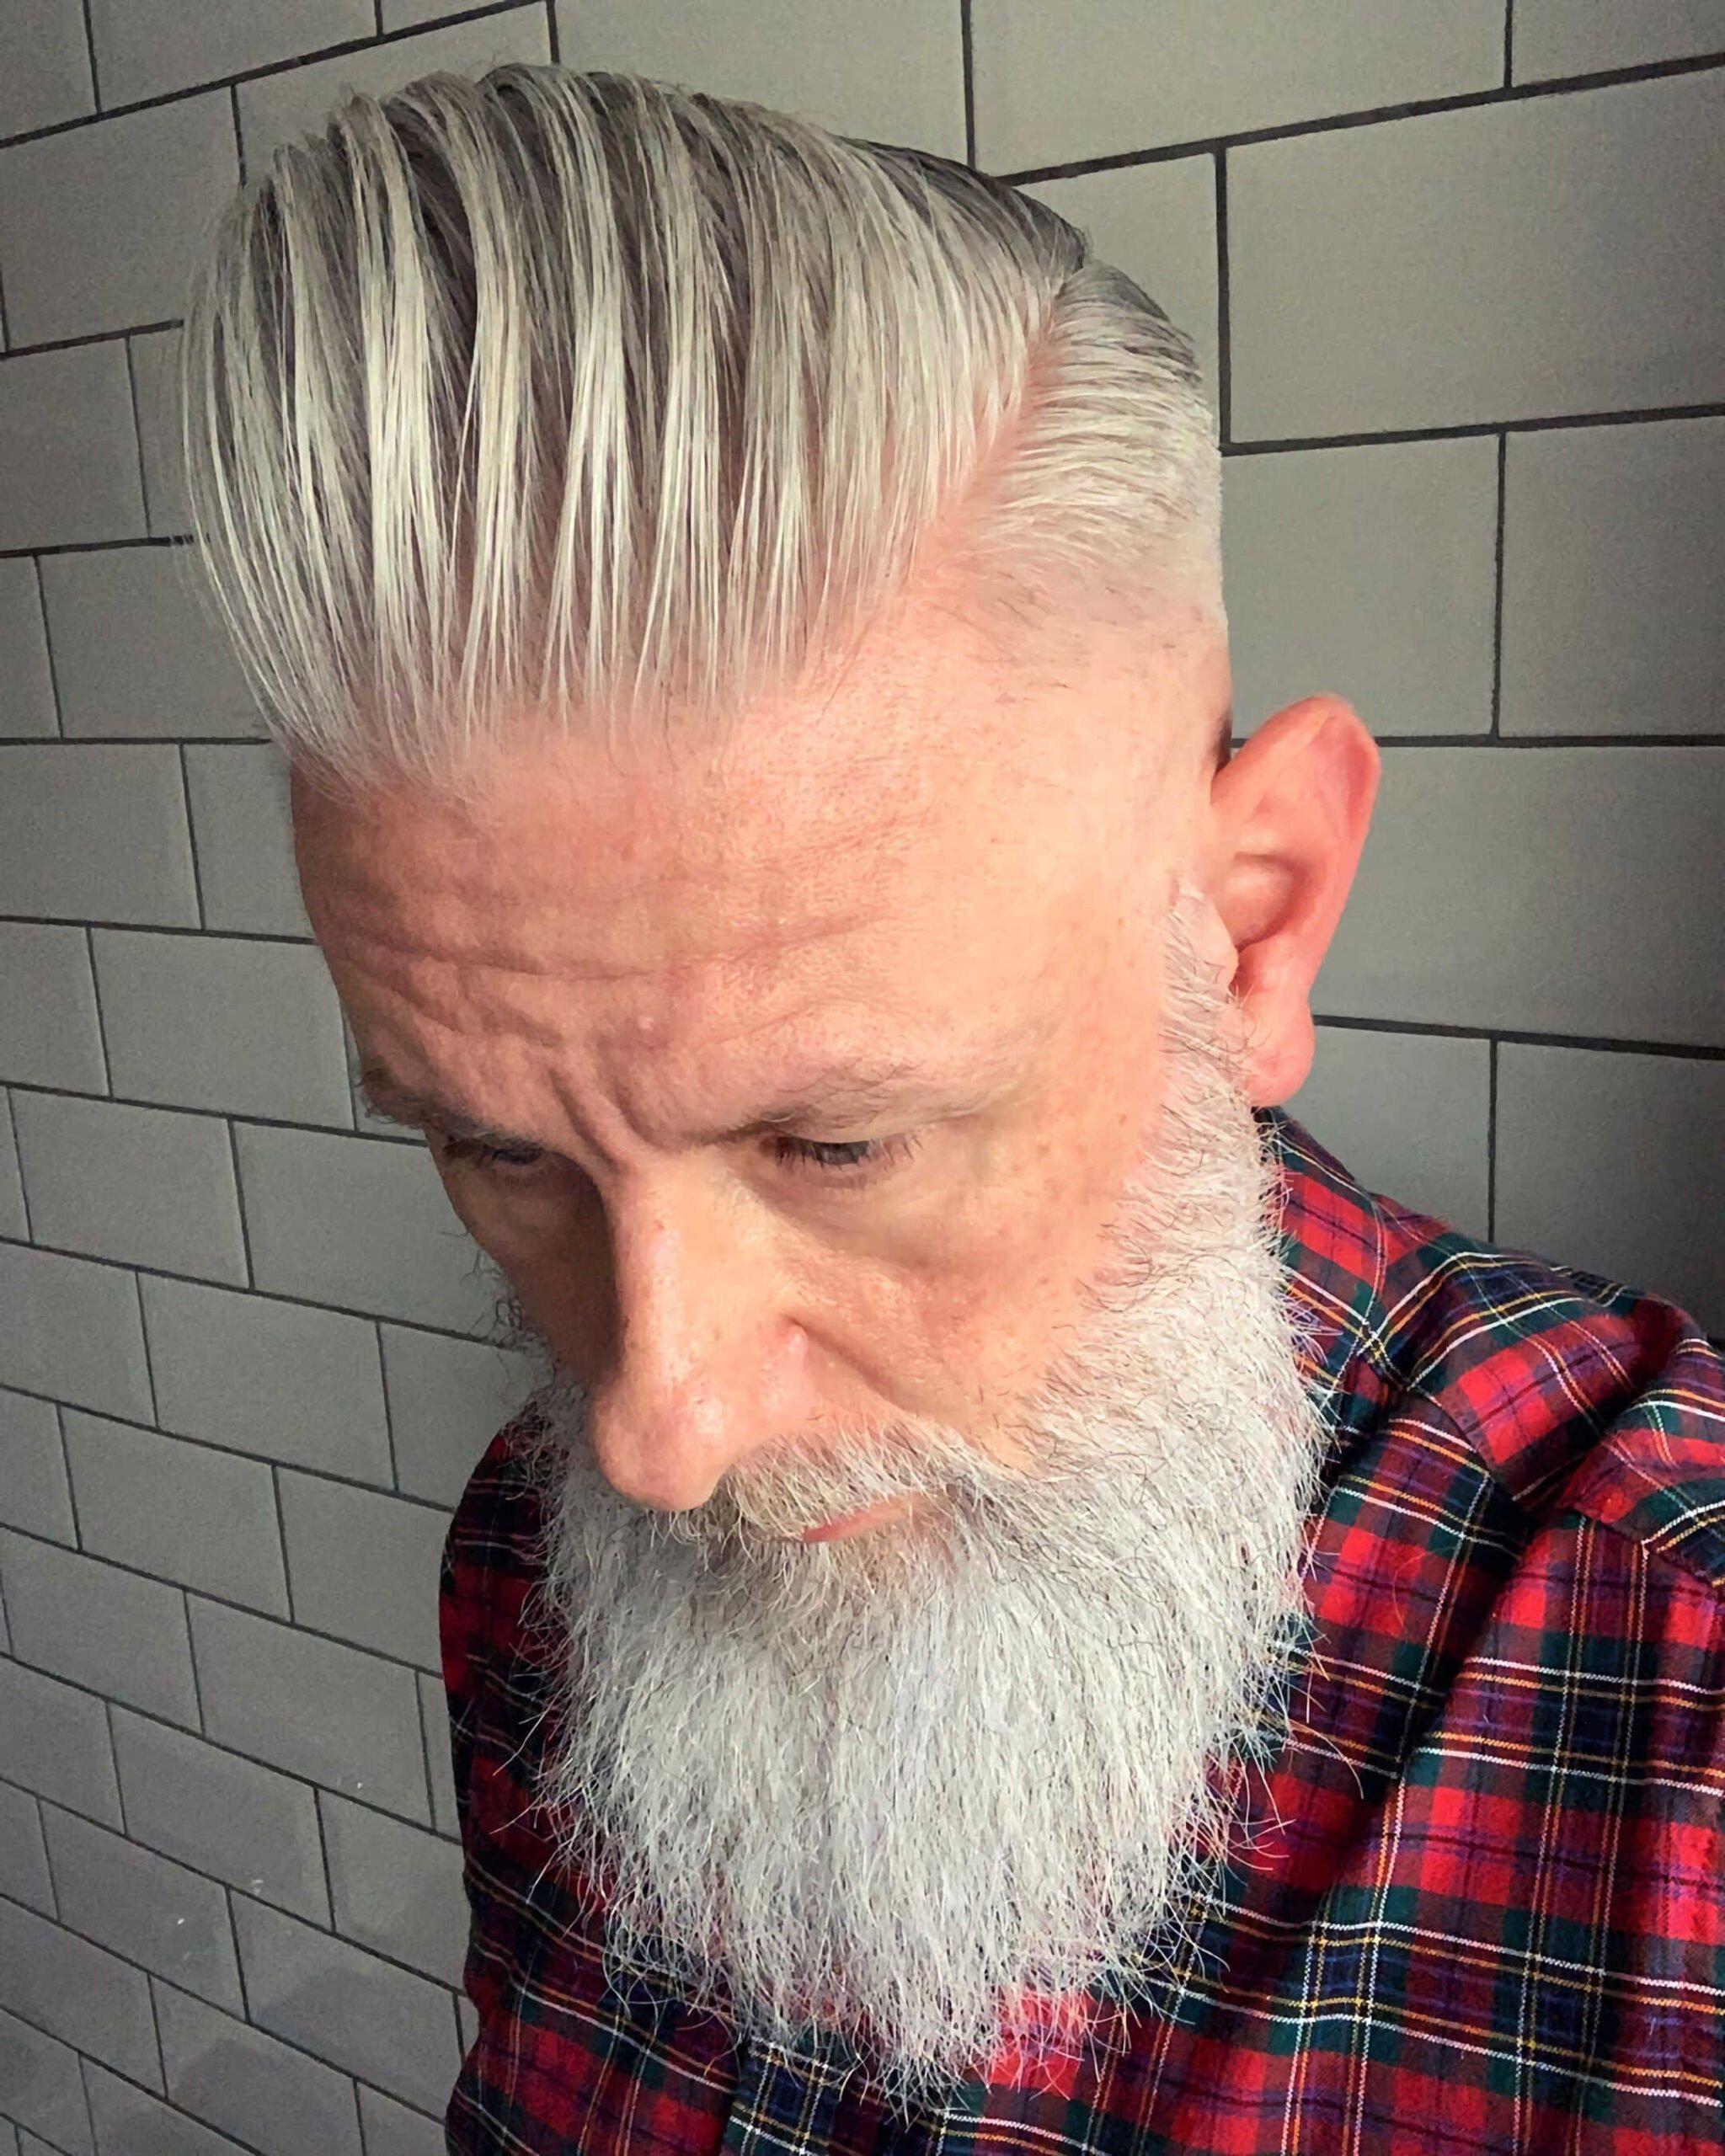 квифф с бородой для пожилых мужчин